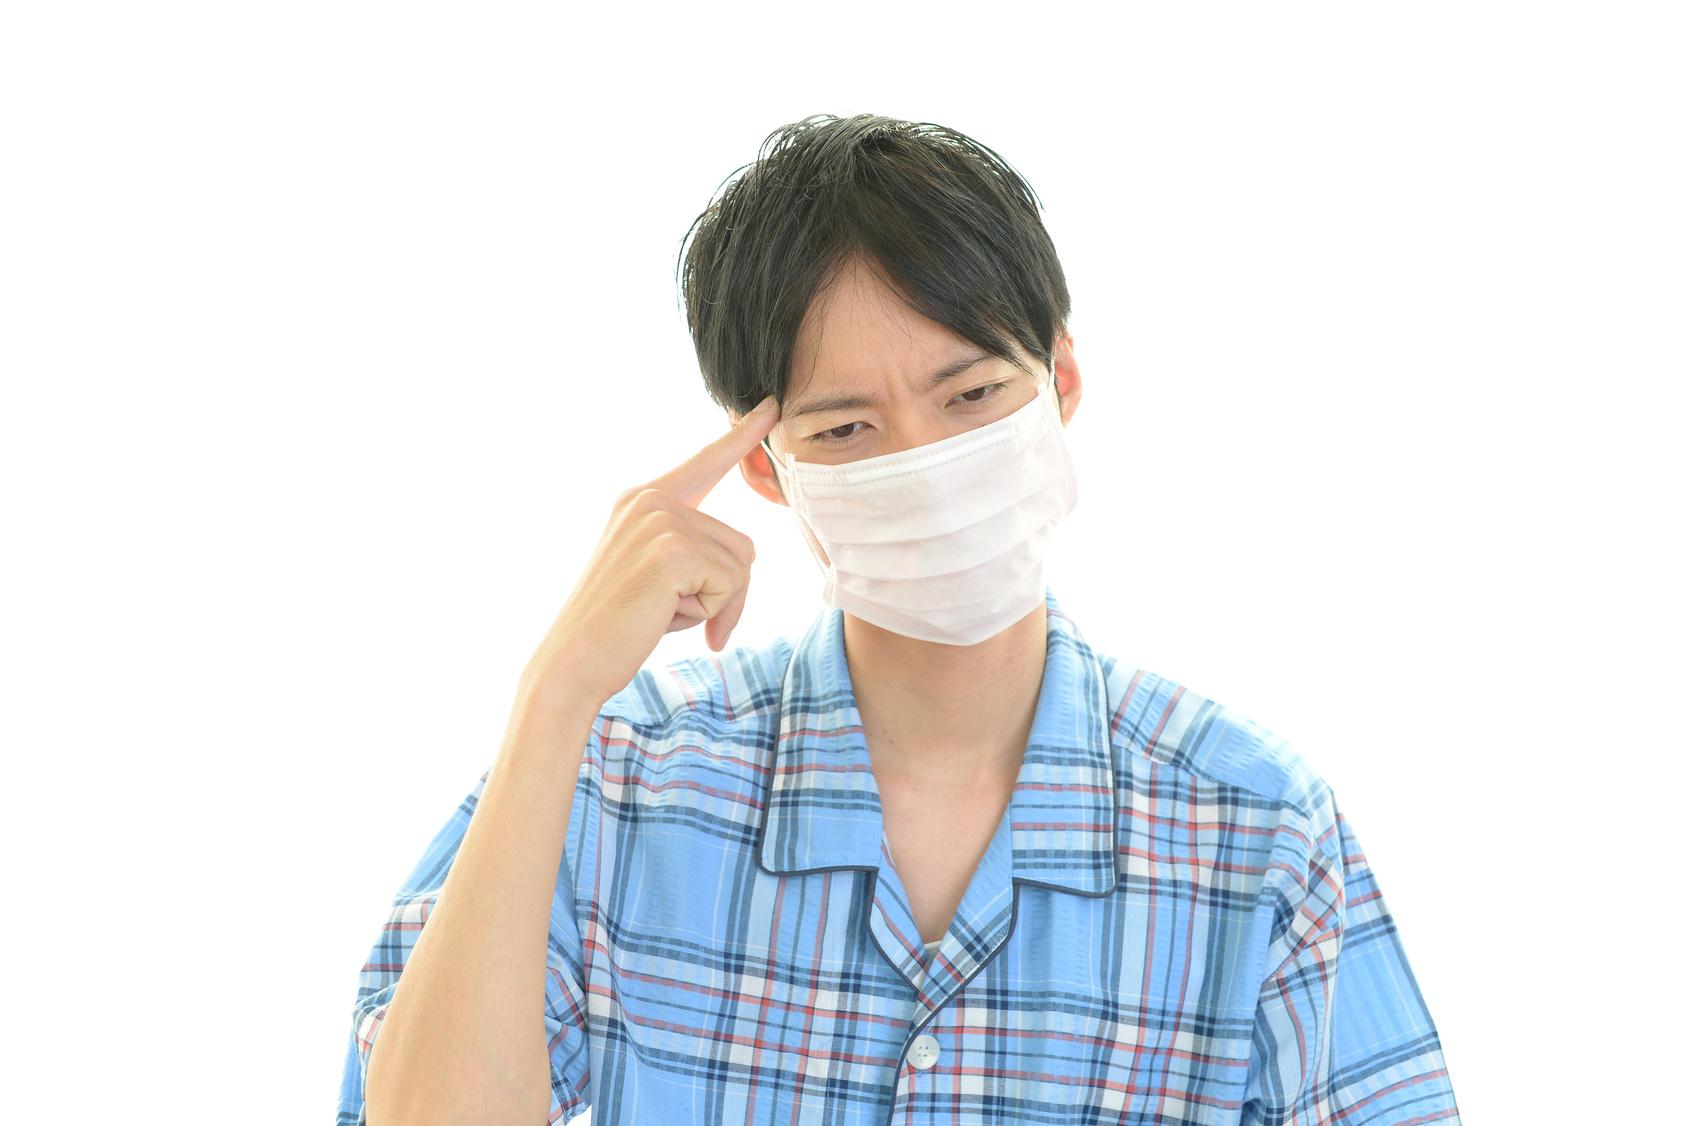 【法律相談】インフルエンザをわざと憎い上司にうつしたら罪に問われるの?